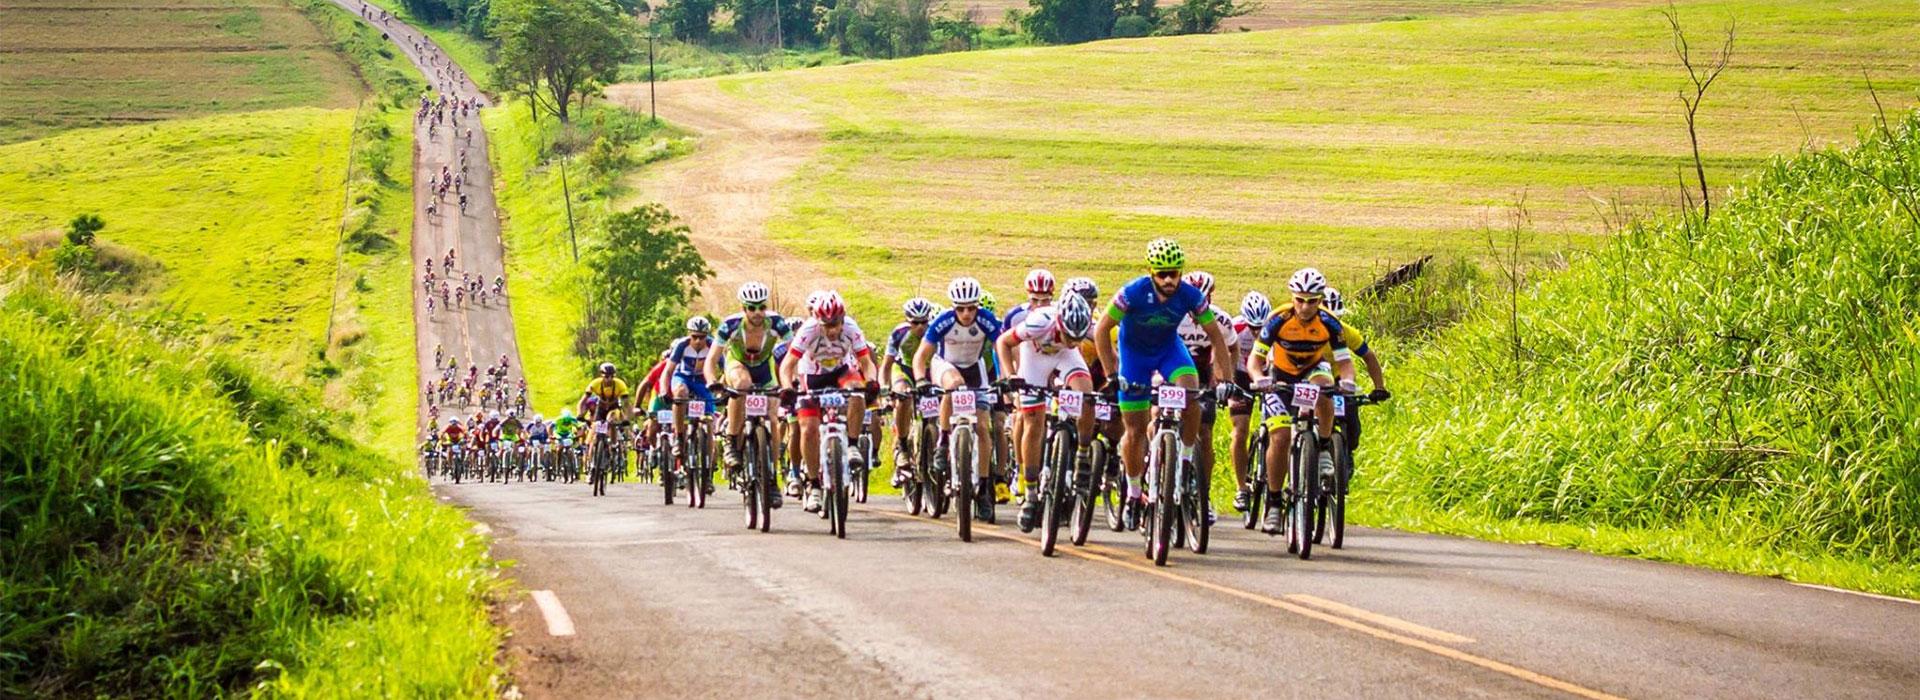 sistime-pagliarini-marathon-bike-edicao-9